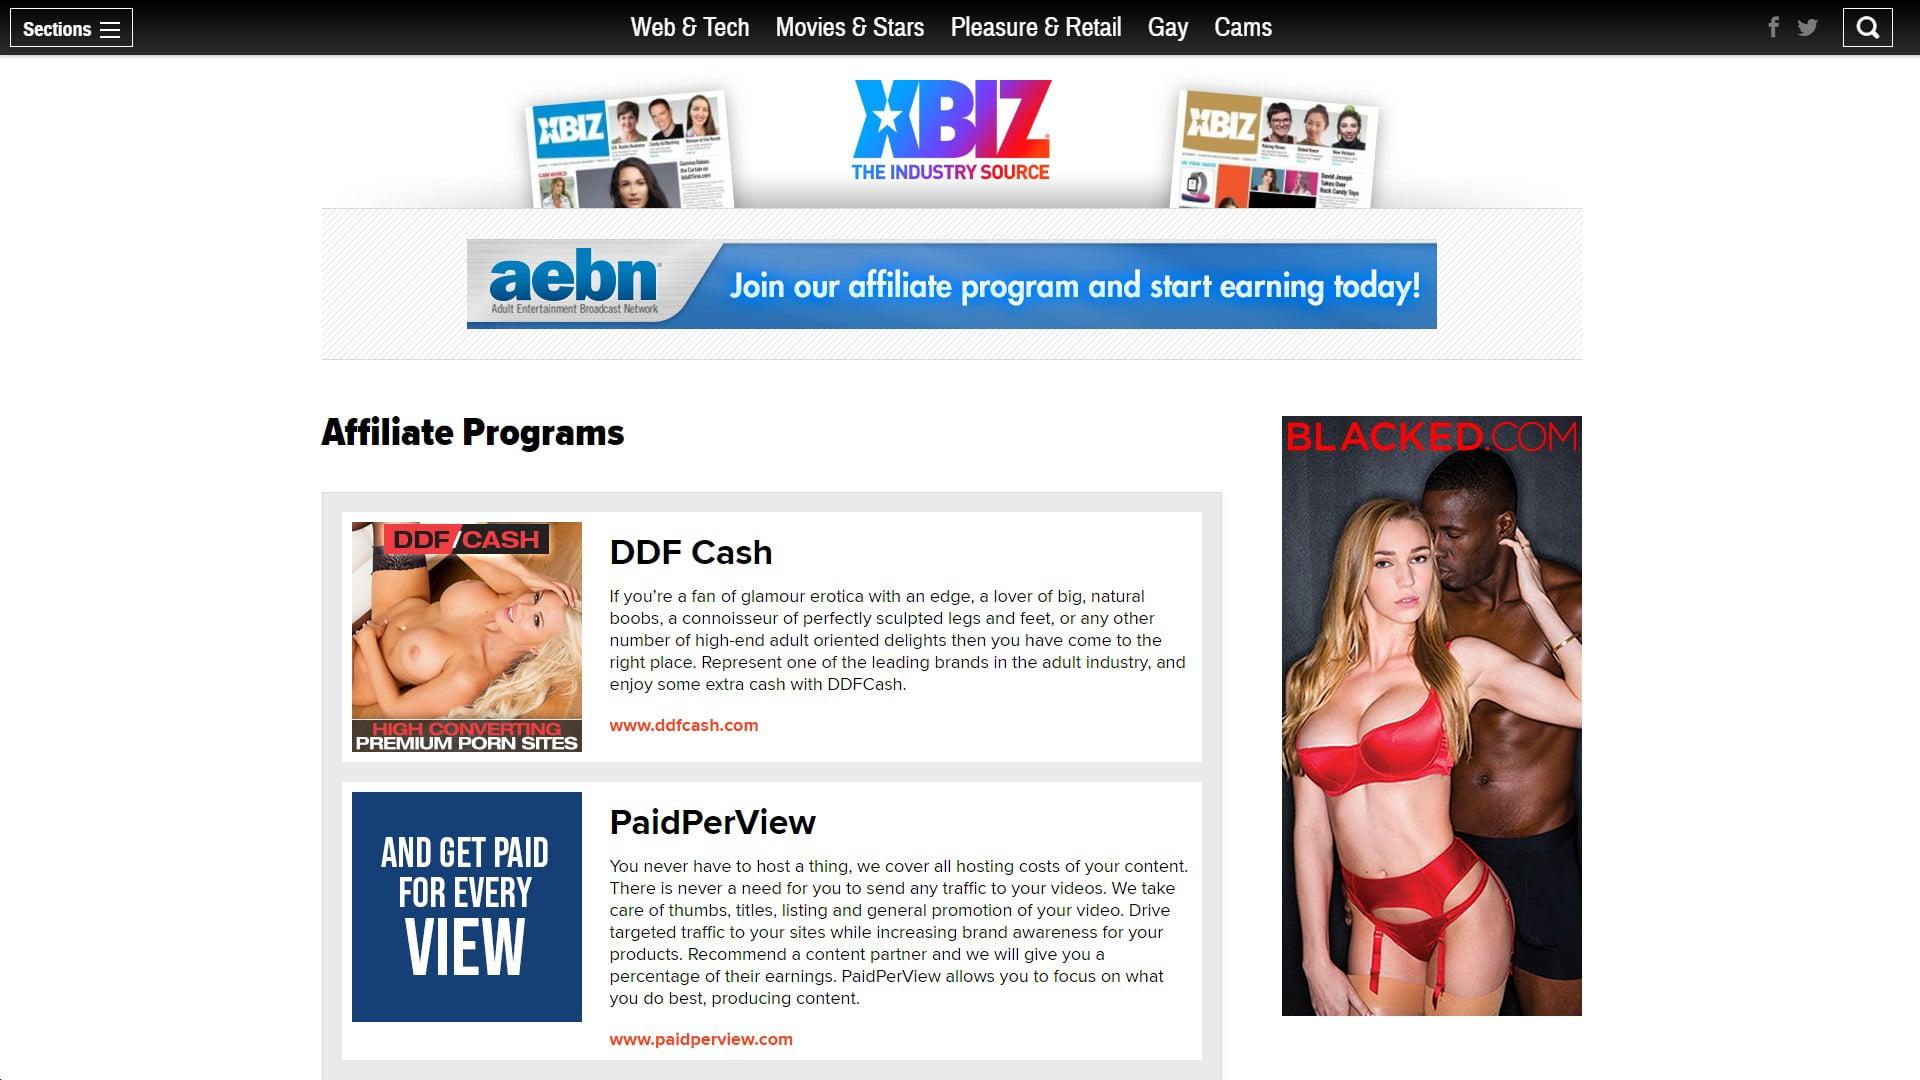 XBIZ Affiliate Programs